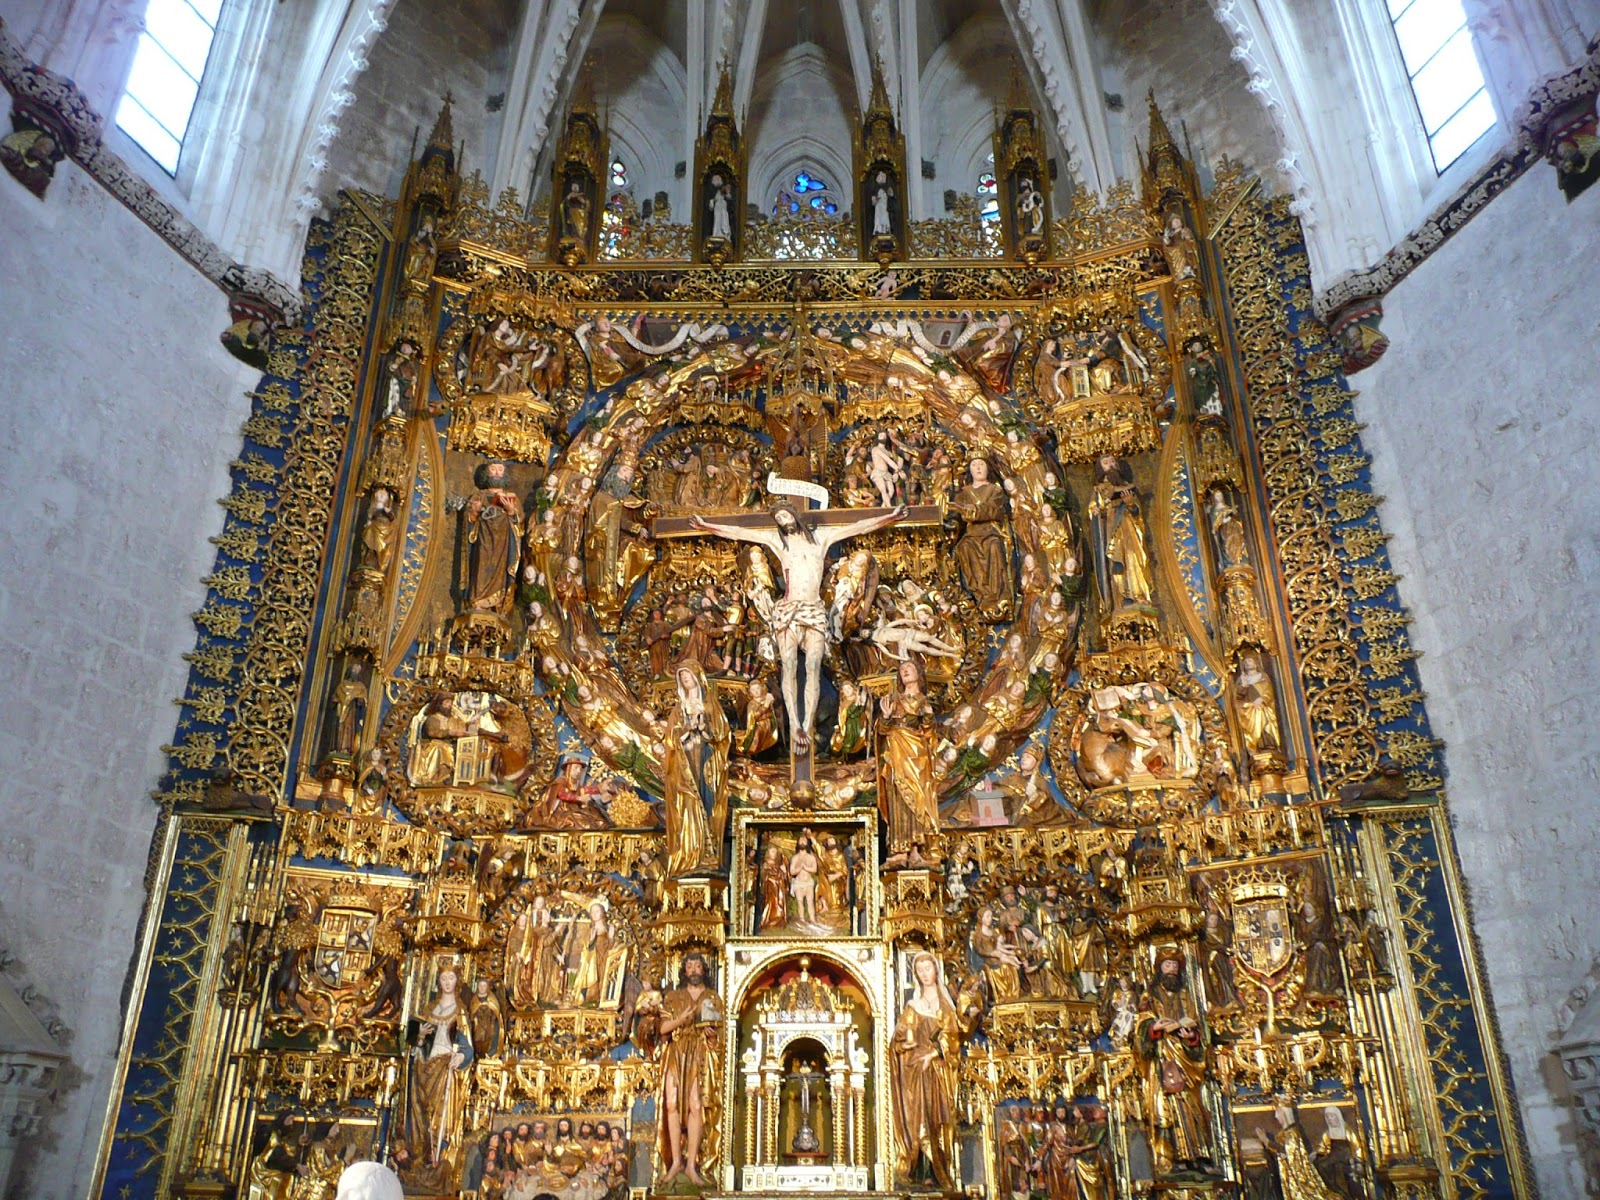 Lugares sacros la trinidad en el retablo de la cartuja de - La isla dela cartuja ...